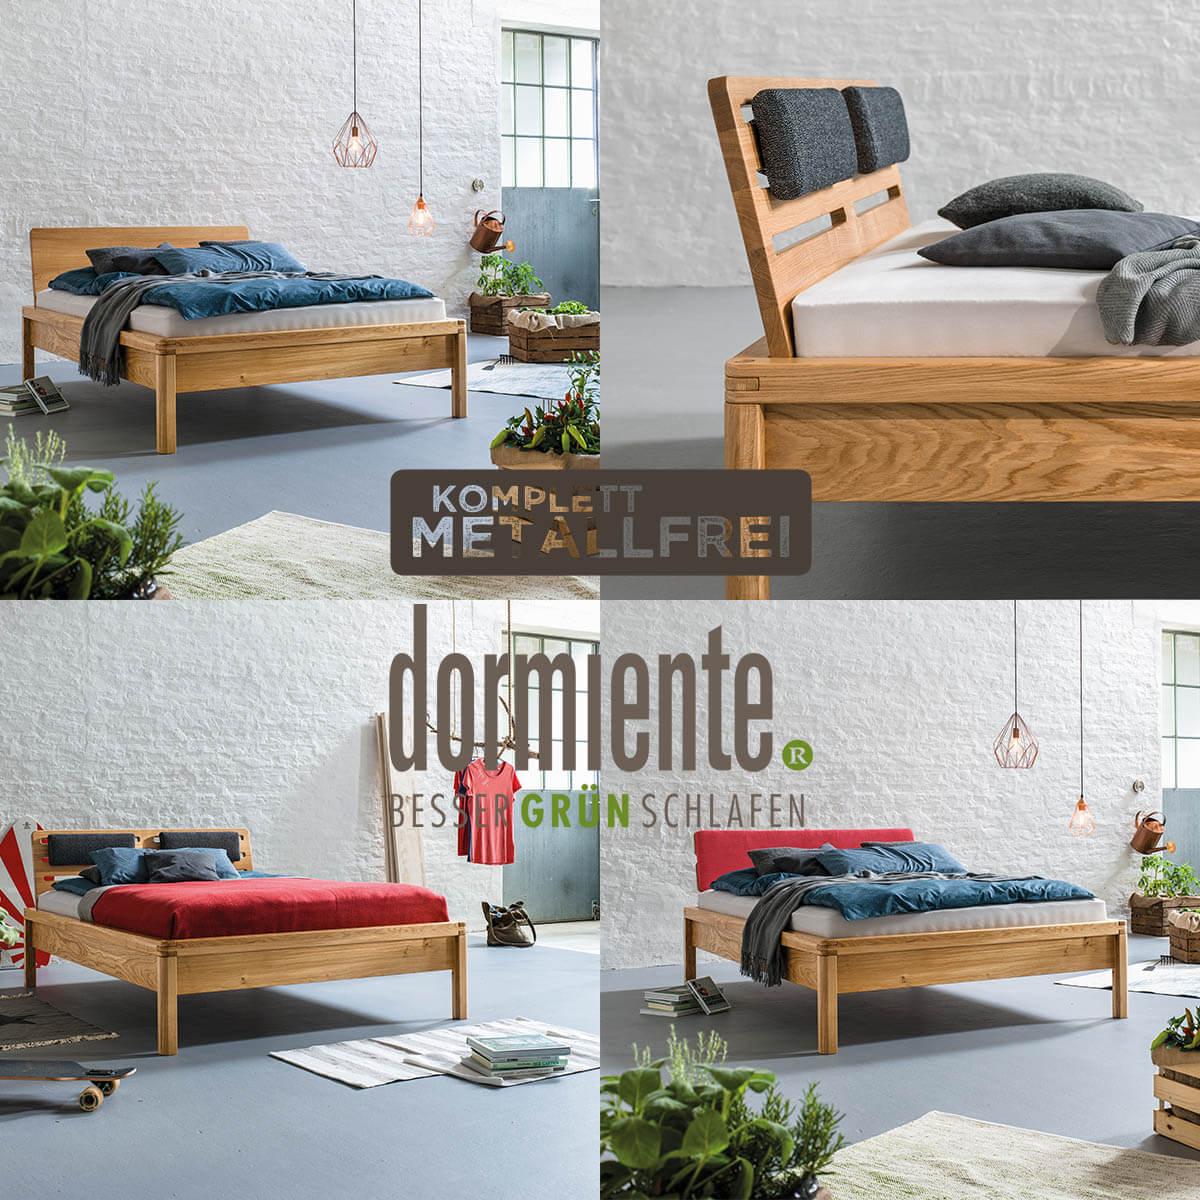 dormiente-Massivholzbett-PIU-komplett-metallfrei-Ambiente